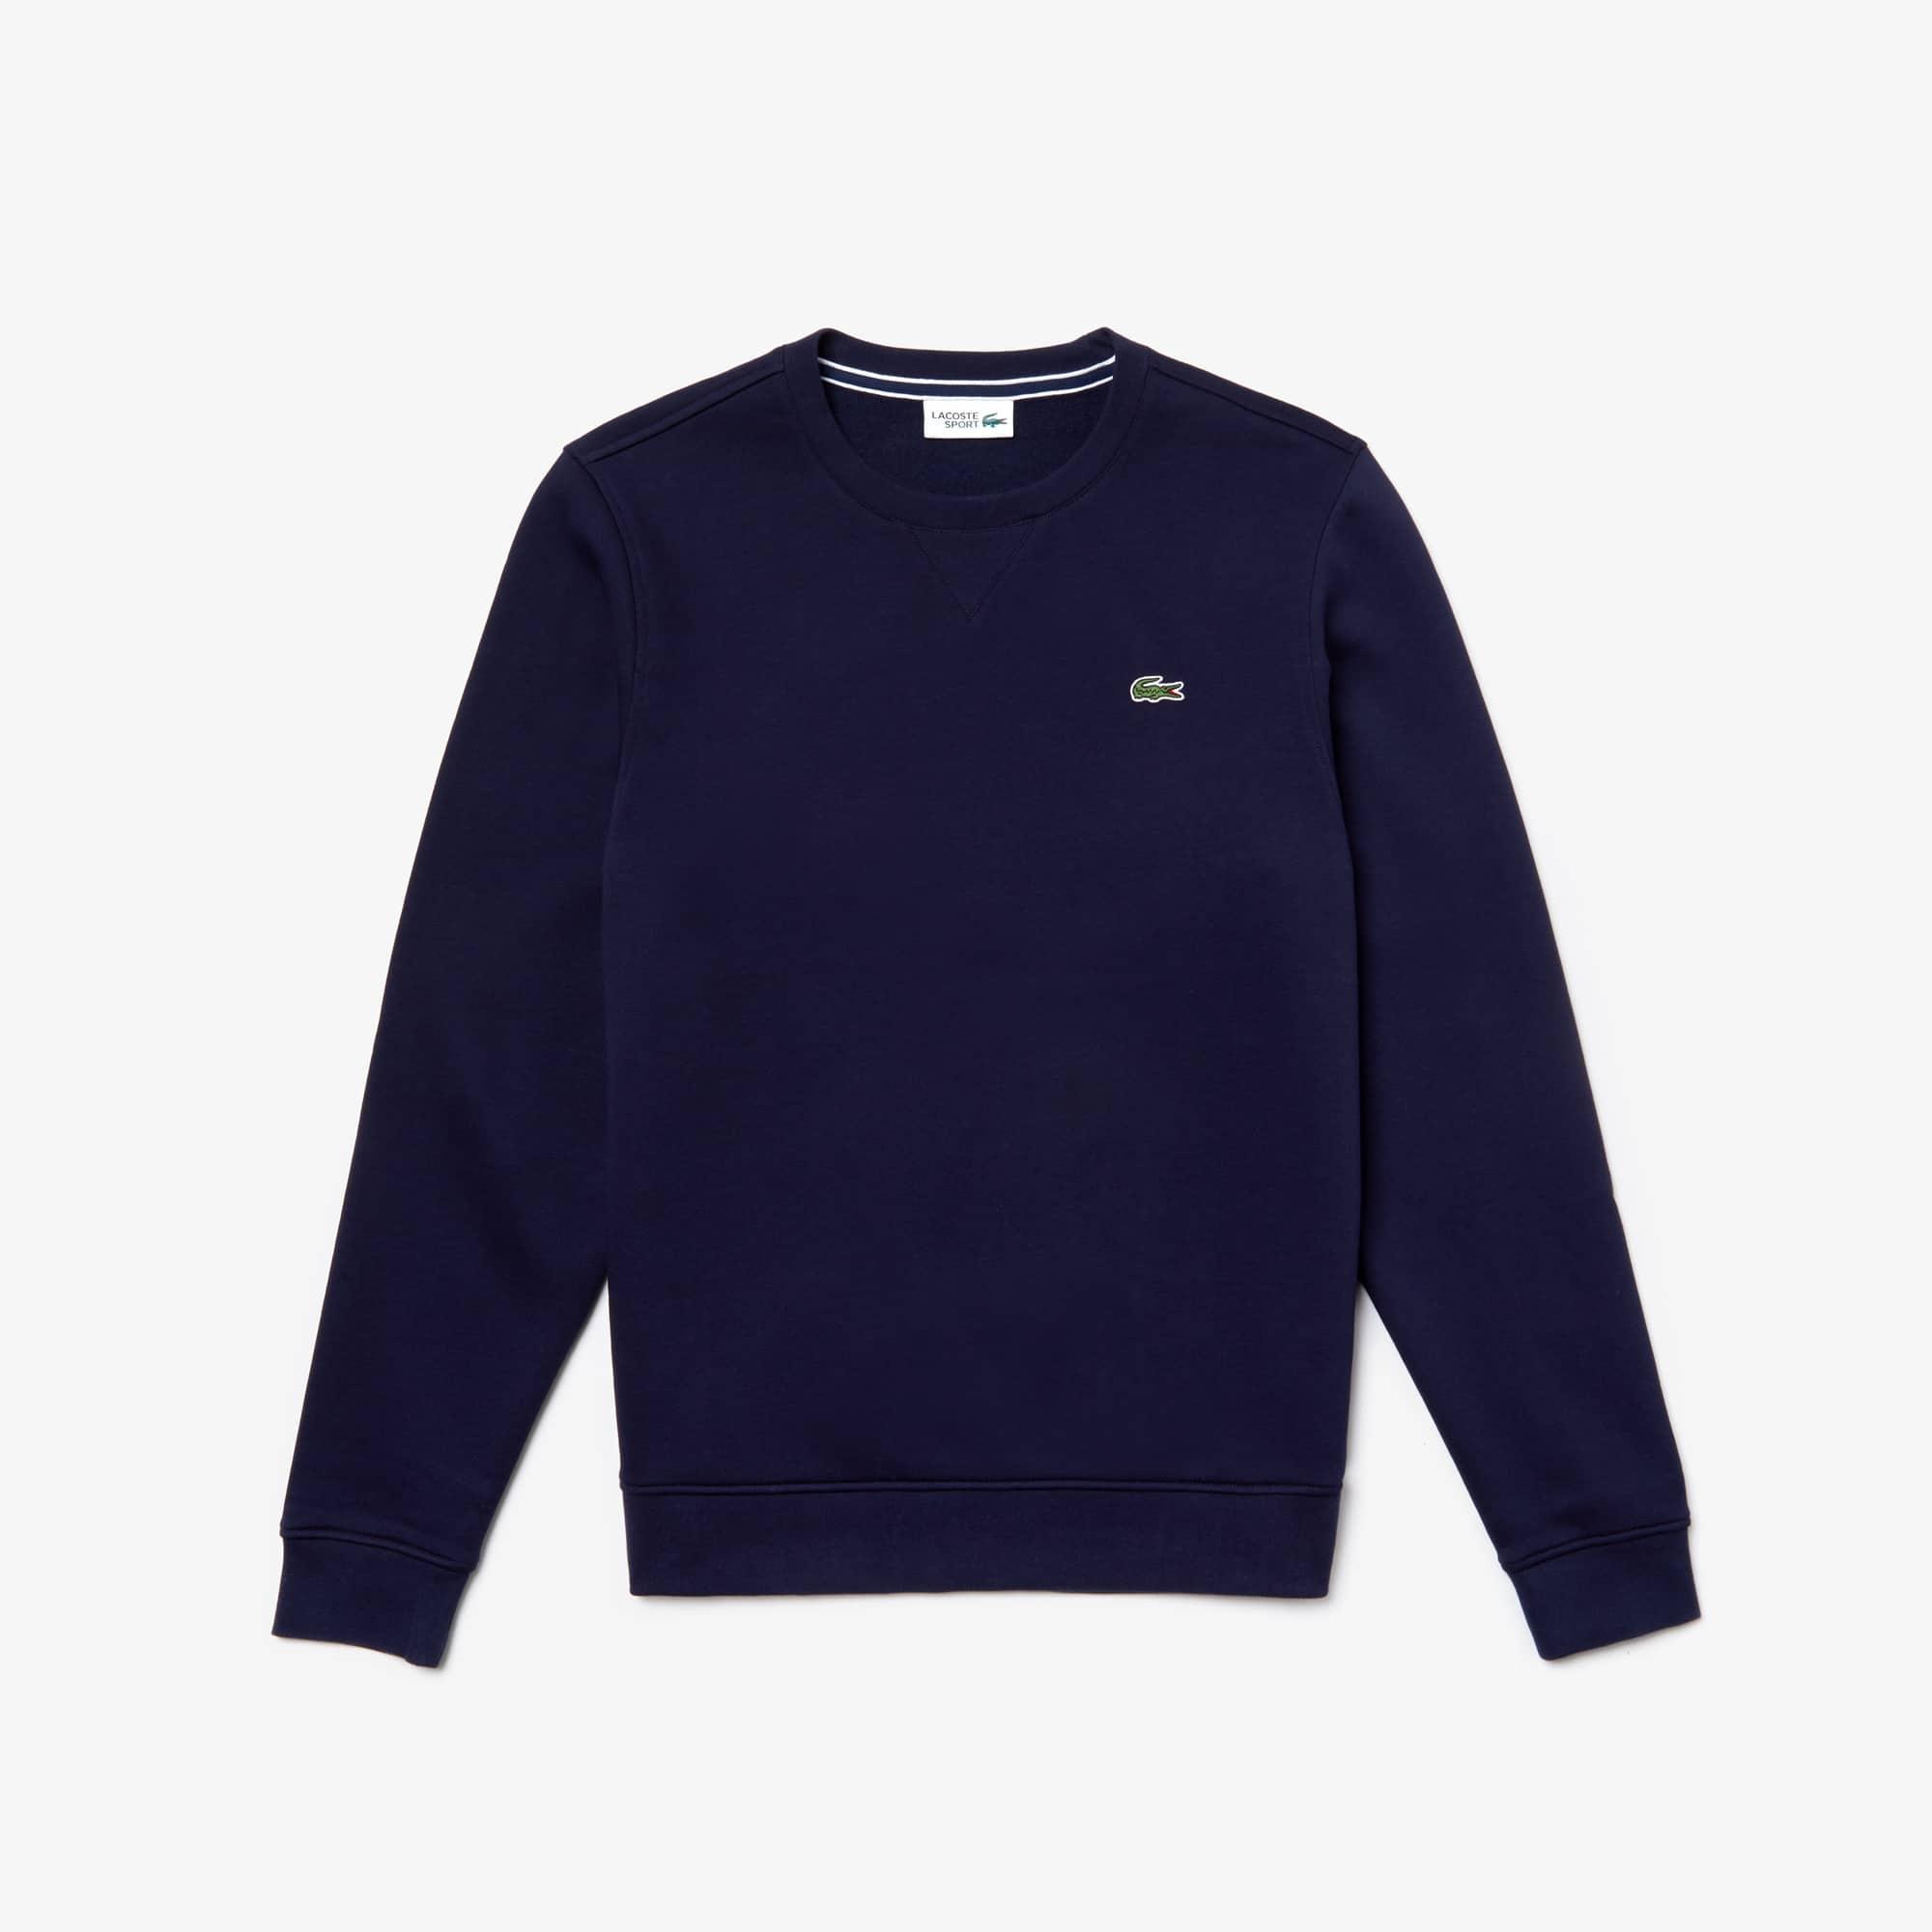 Men's SPORT Crew Neck Sweatshirt